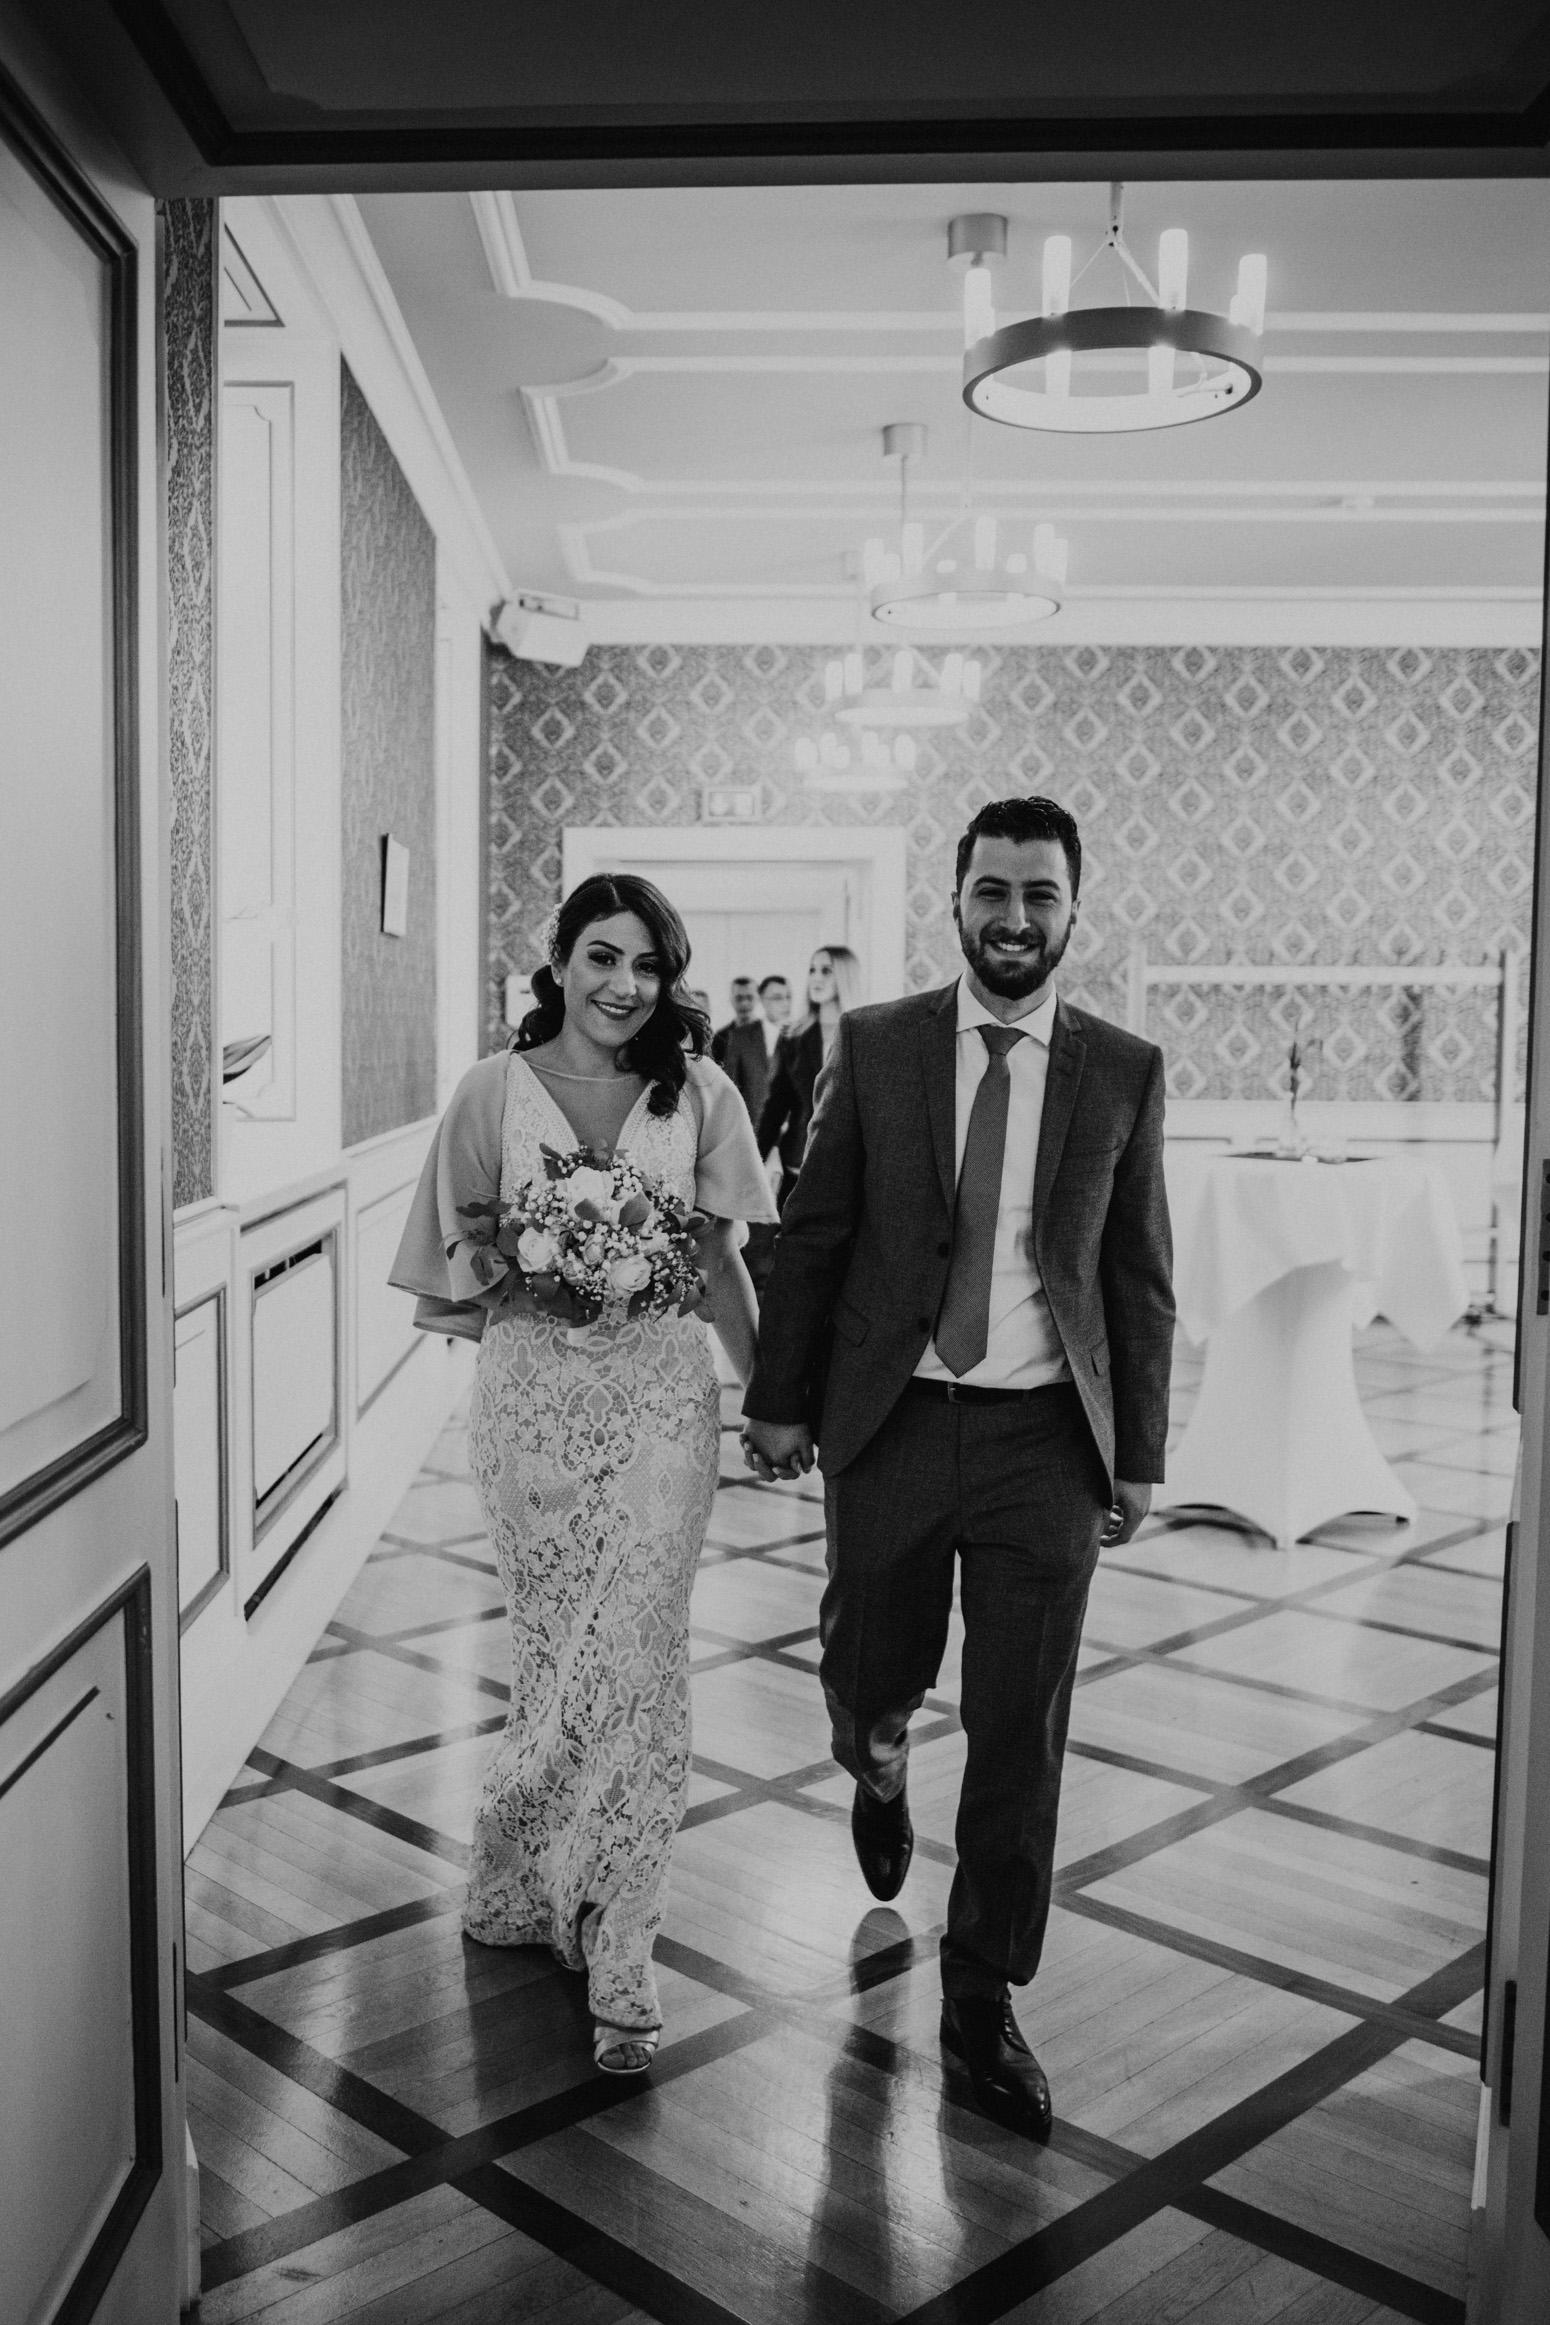 Ankunft des Brautpaares im Standesamt im Schloss Broich, Foto von Daria Becker, Hochzeitsfotografin von Genuine Bonds